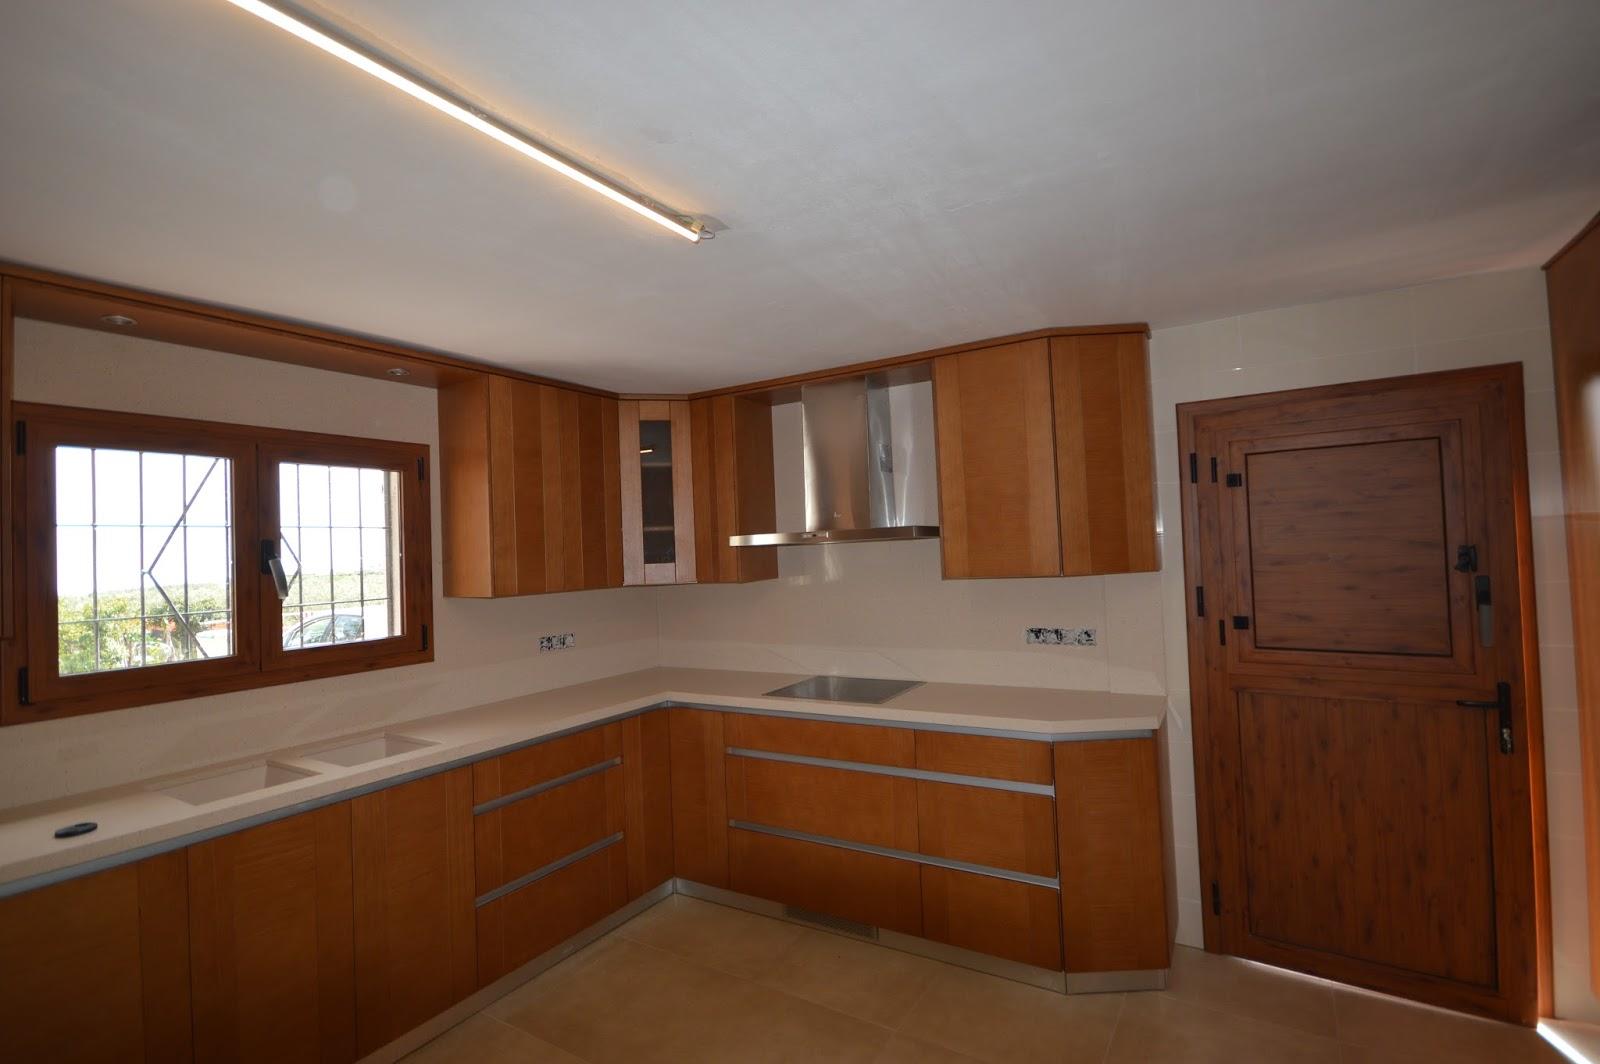 Reuscuina muebles de cocina de madera con gola for Muebles de cocina con